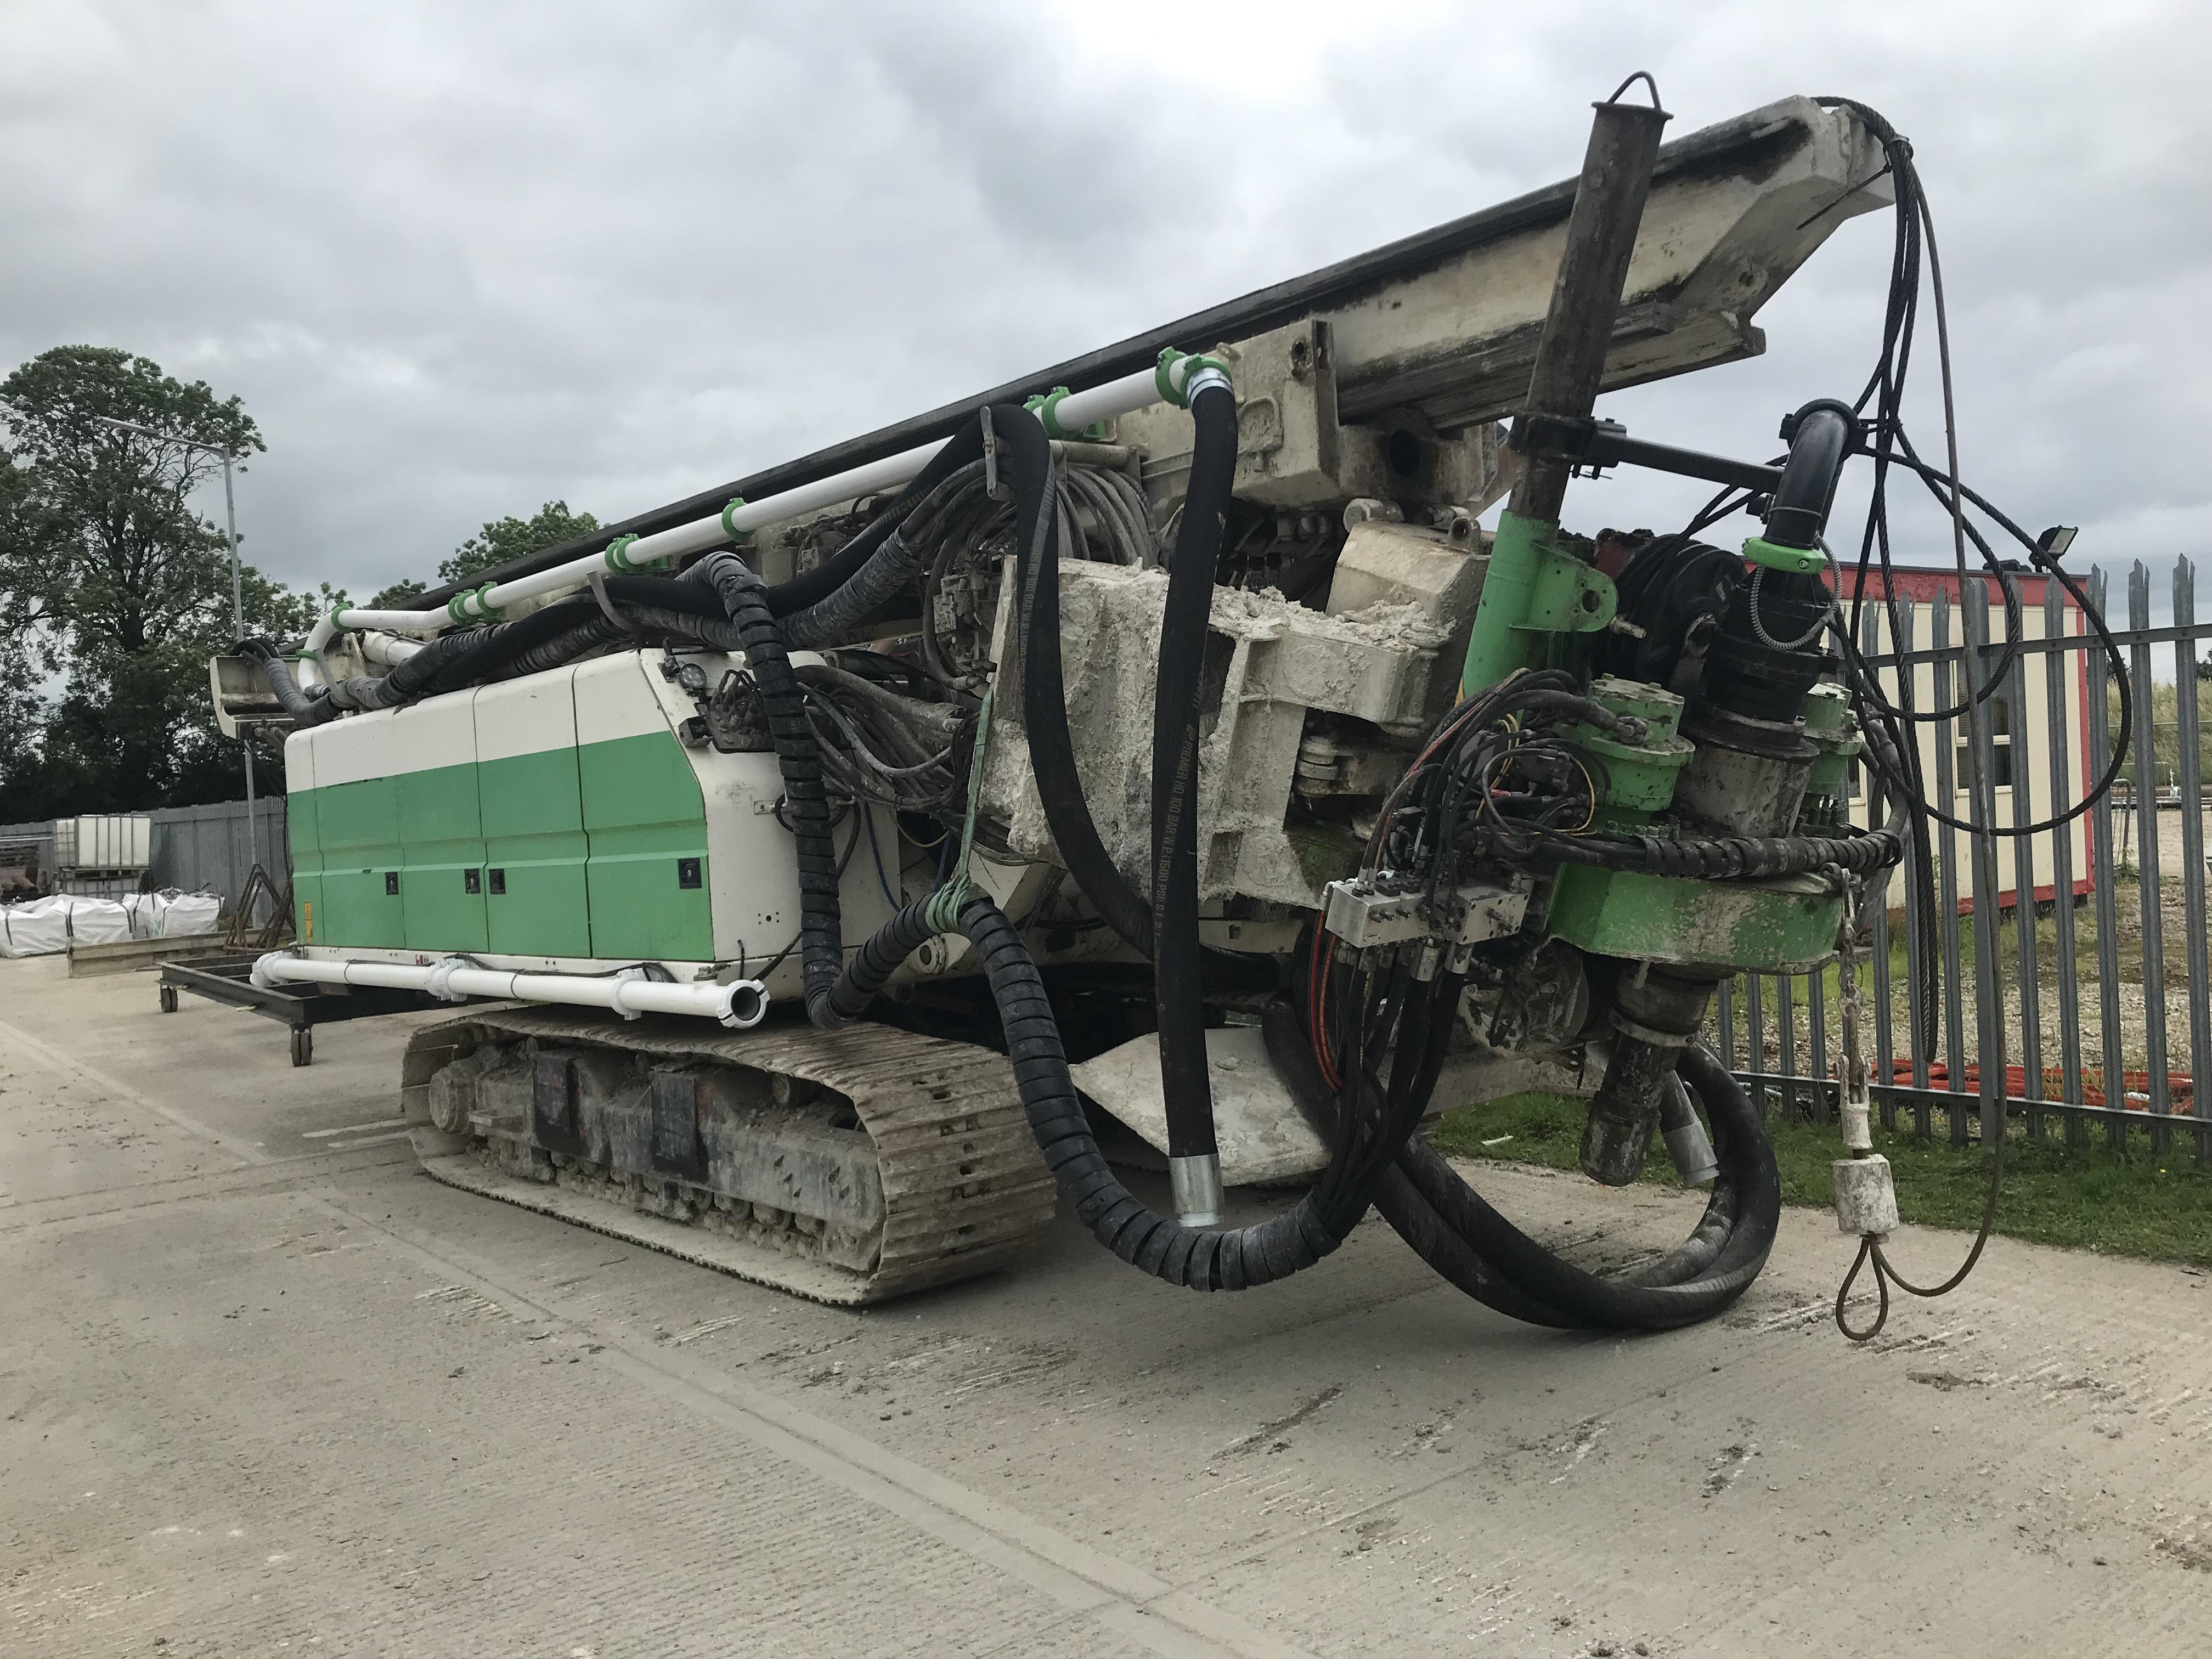 Used Soilmec SF65 CFA piling rig for sale